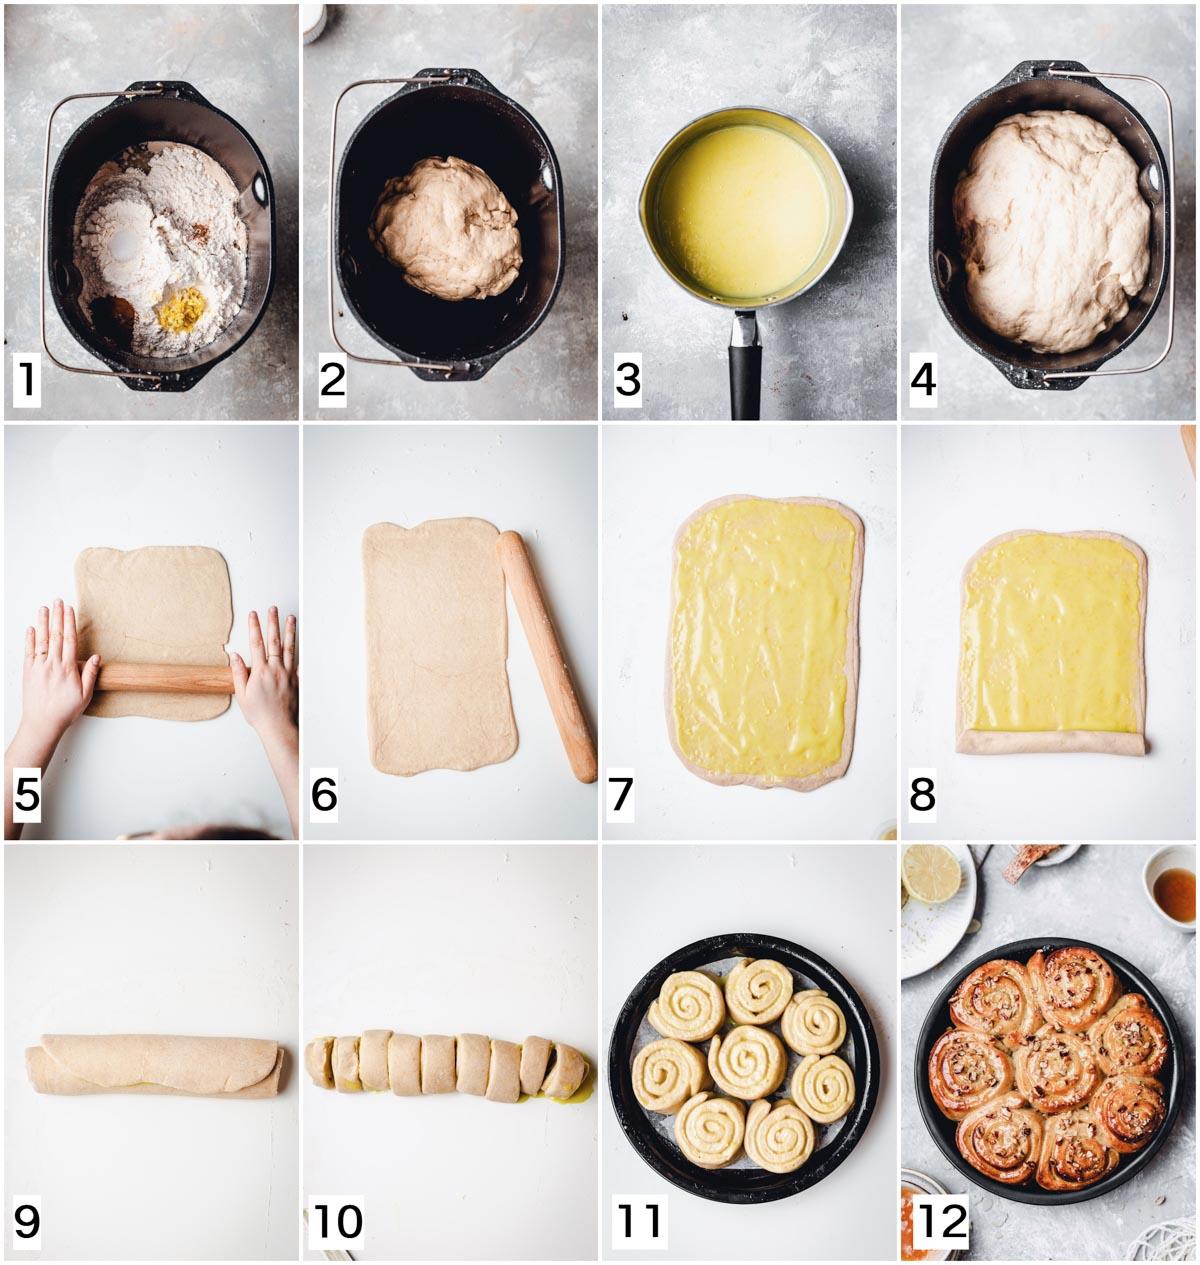 Twelve steps in making lemon curd rolls.